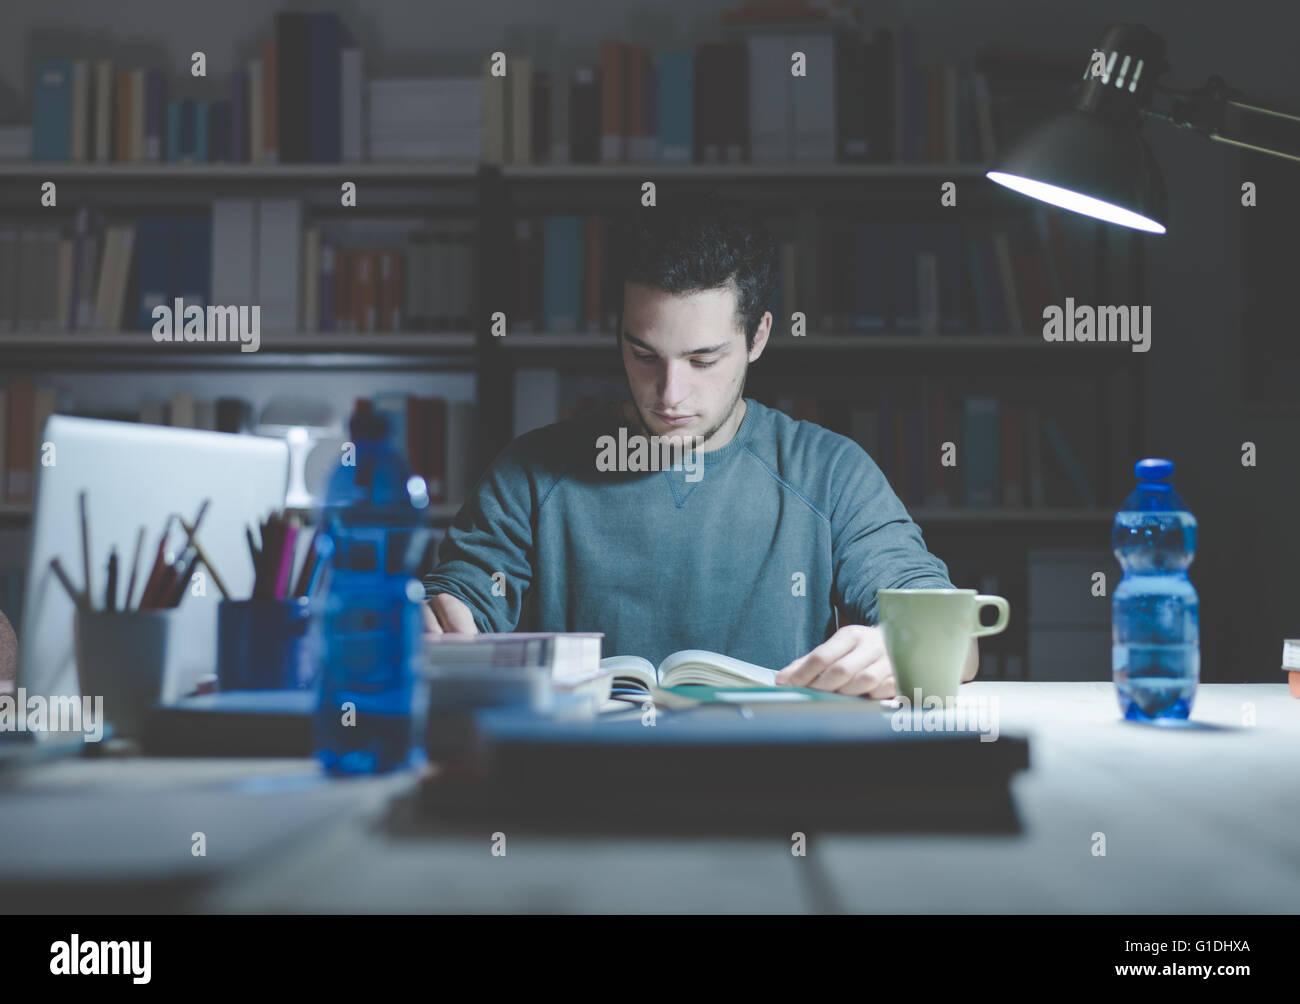 Teenage student la lecture de livres et d'étudier tard dans la nuit, l'apprentissage et l'éducation Photo Stock